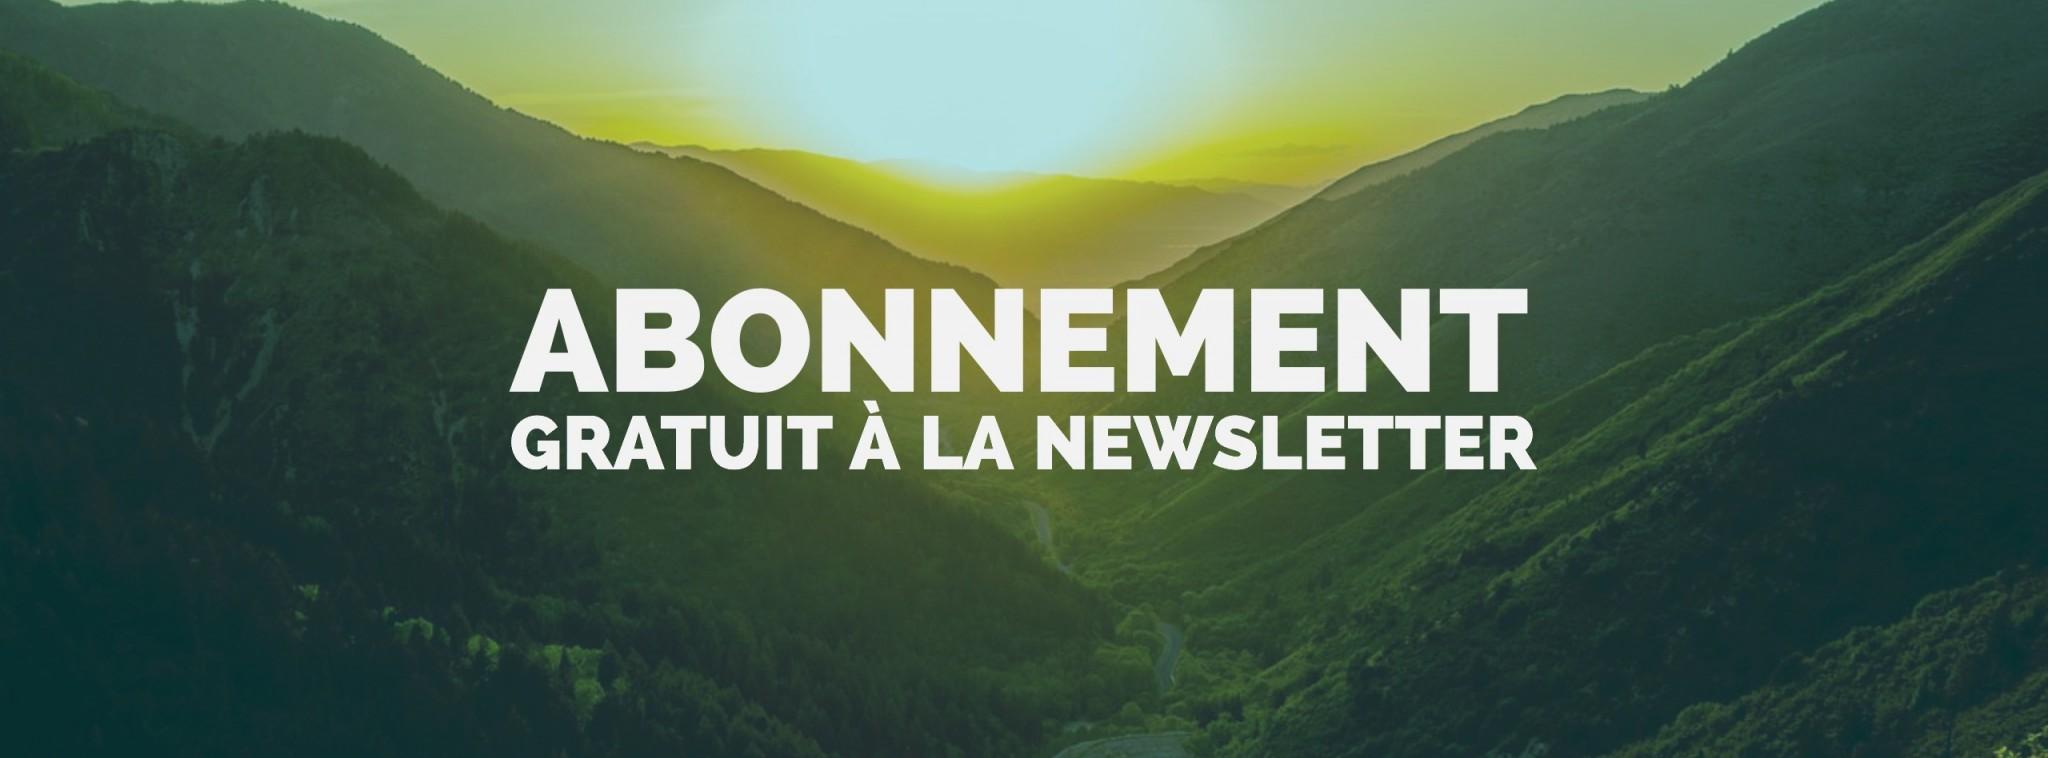 abonnement gratuit newsletter